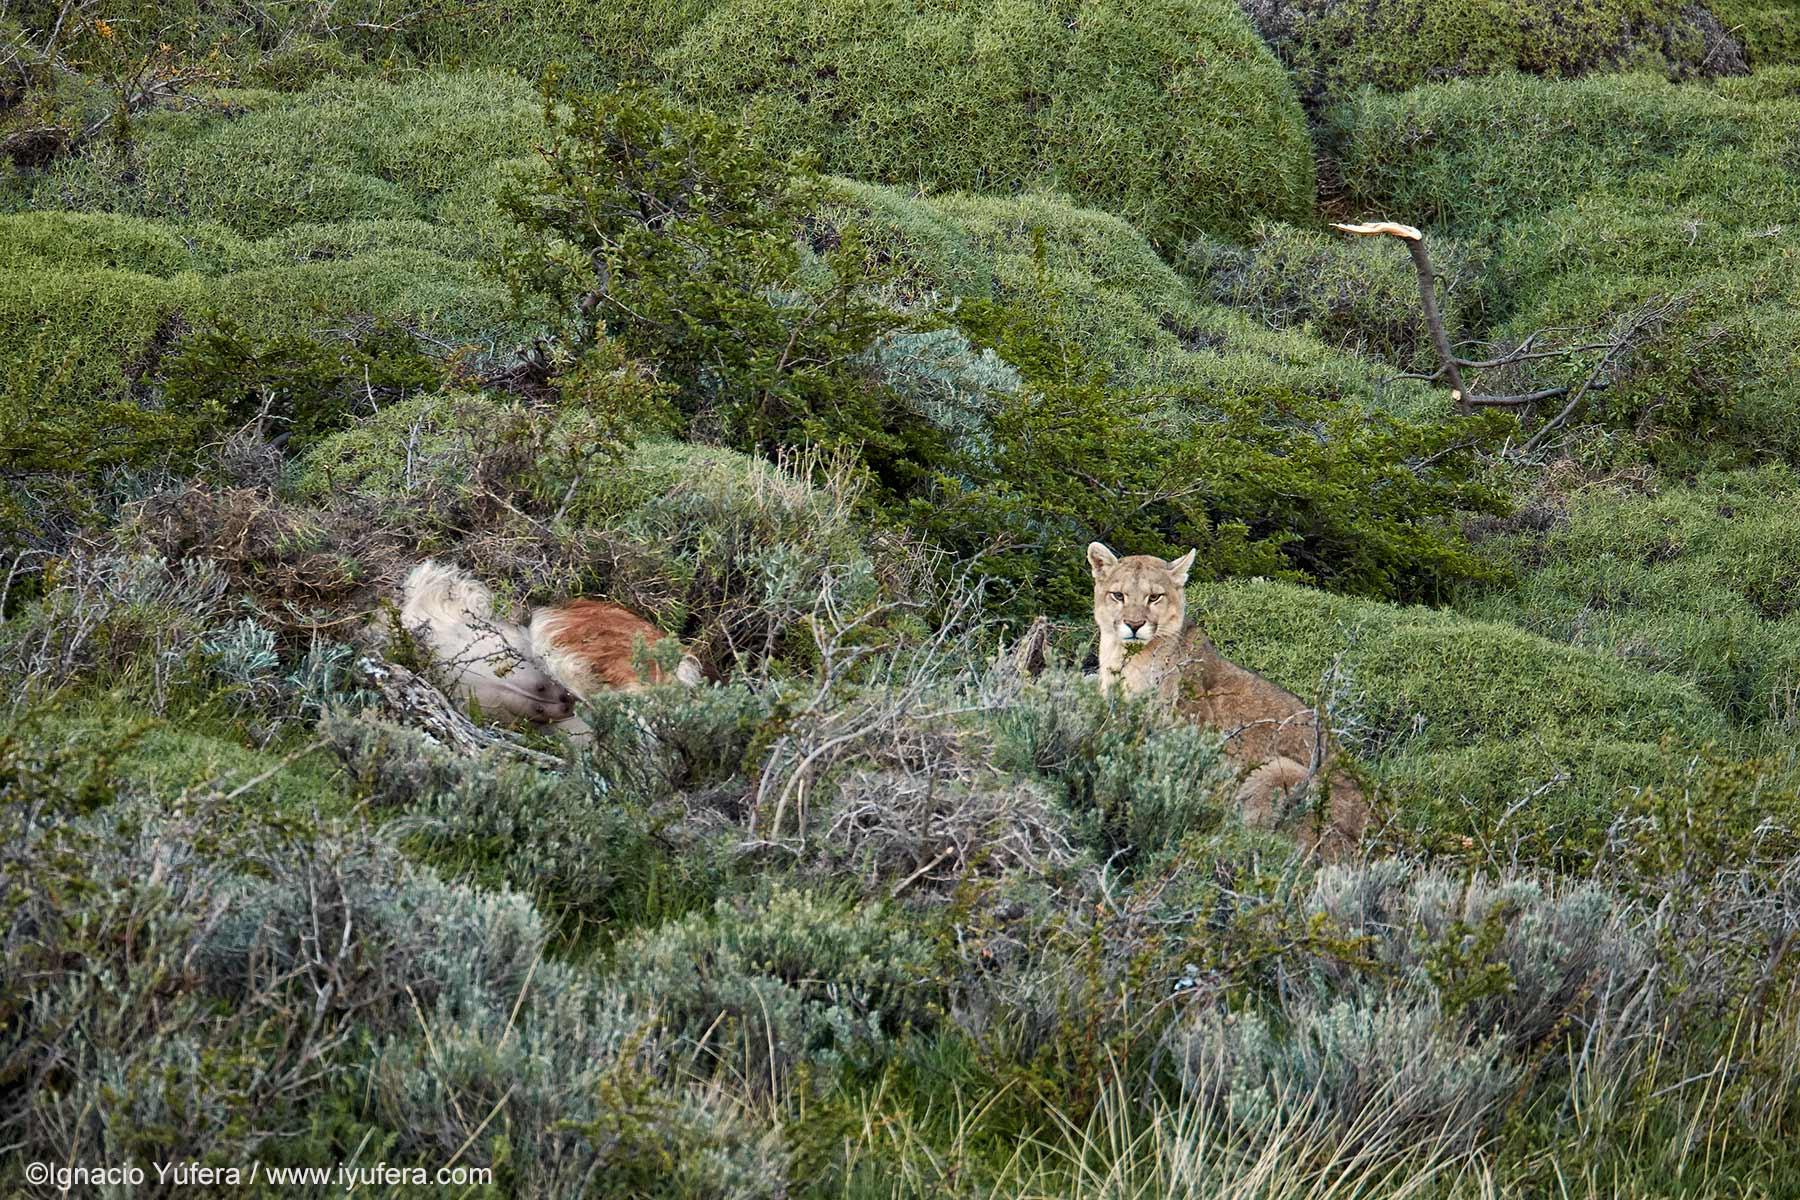 Puma with kill